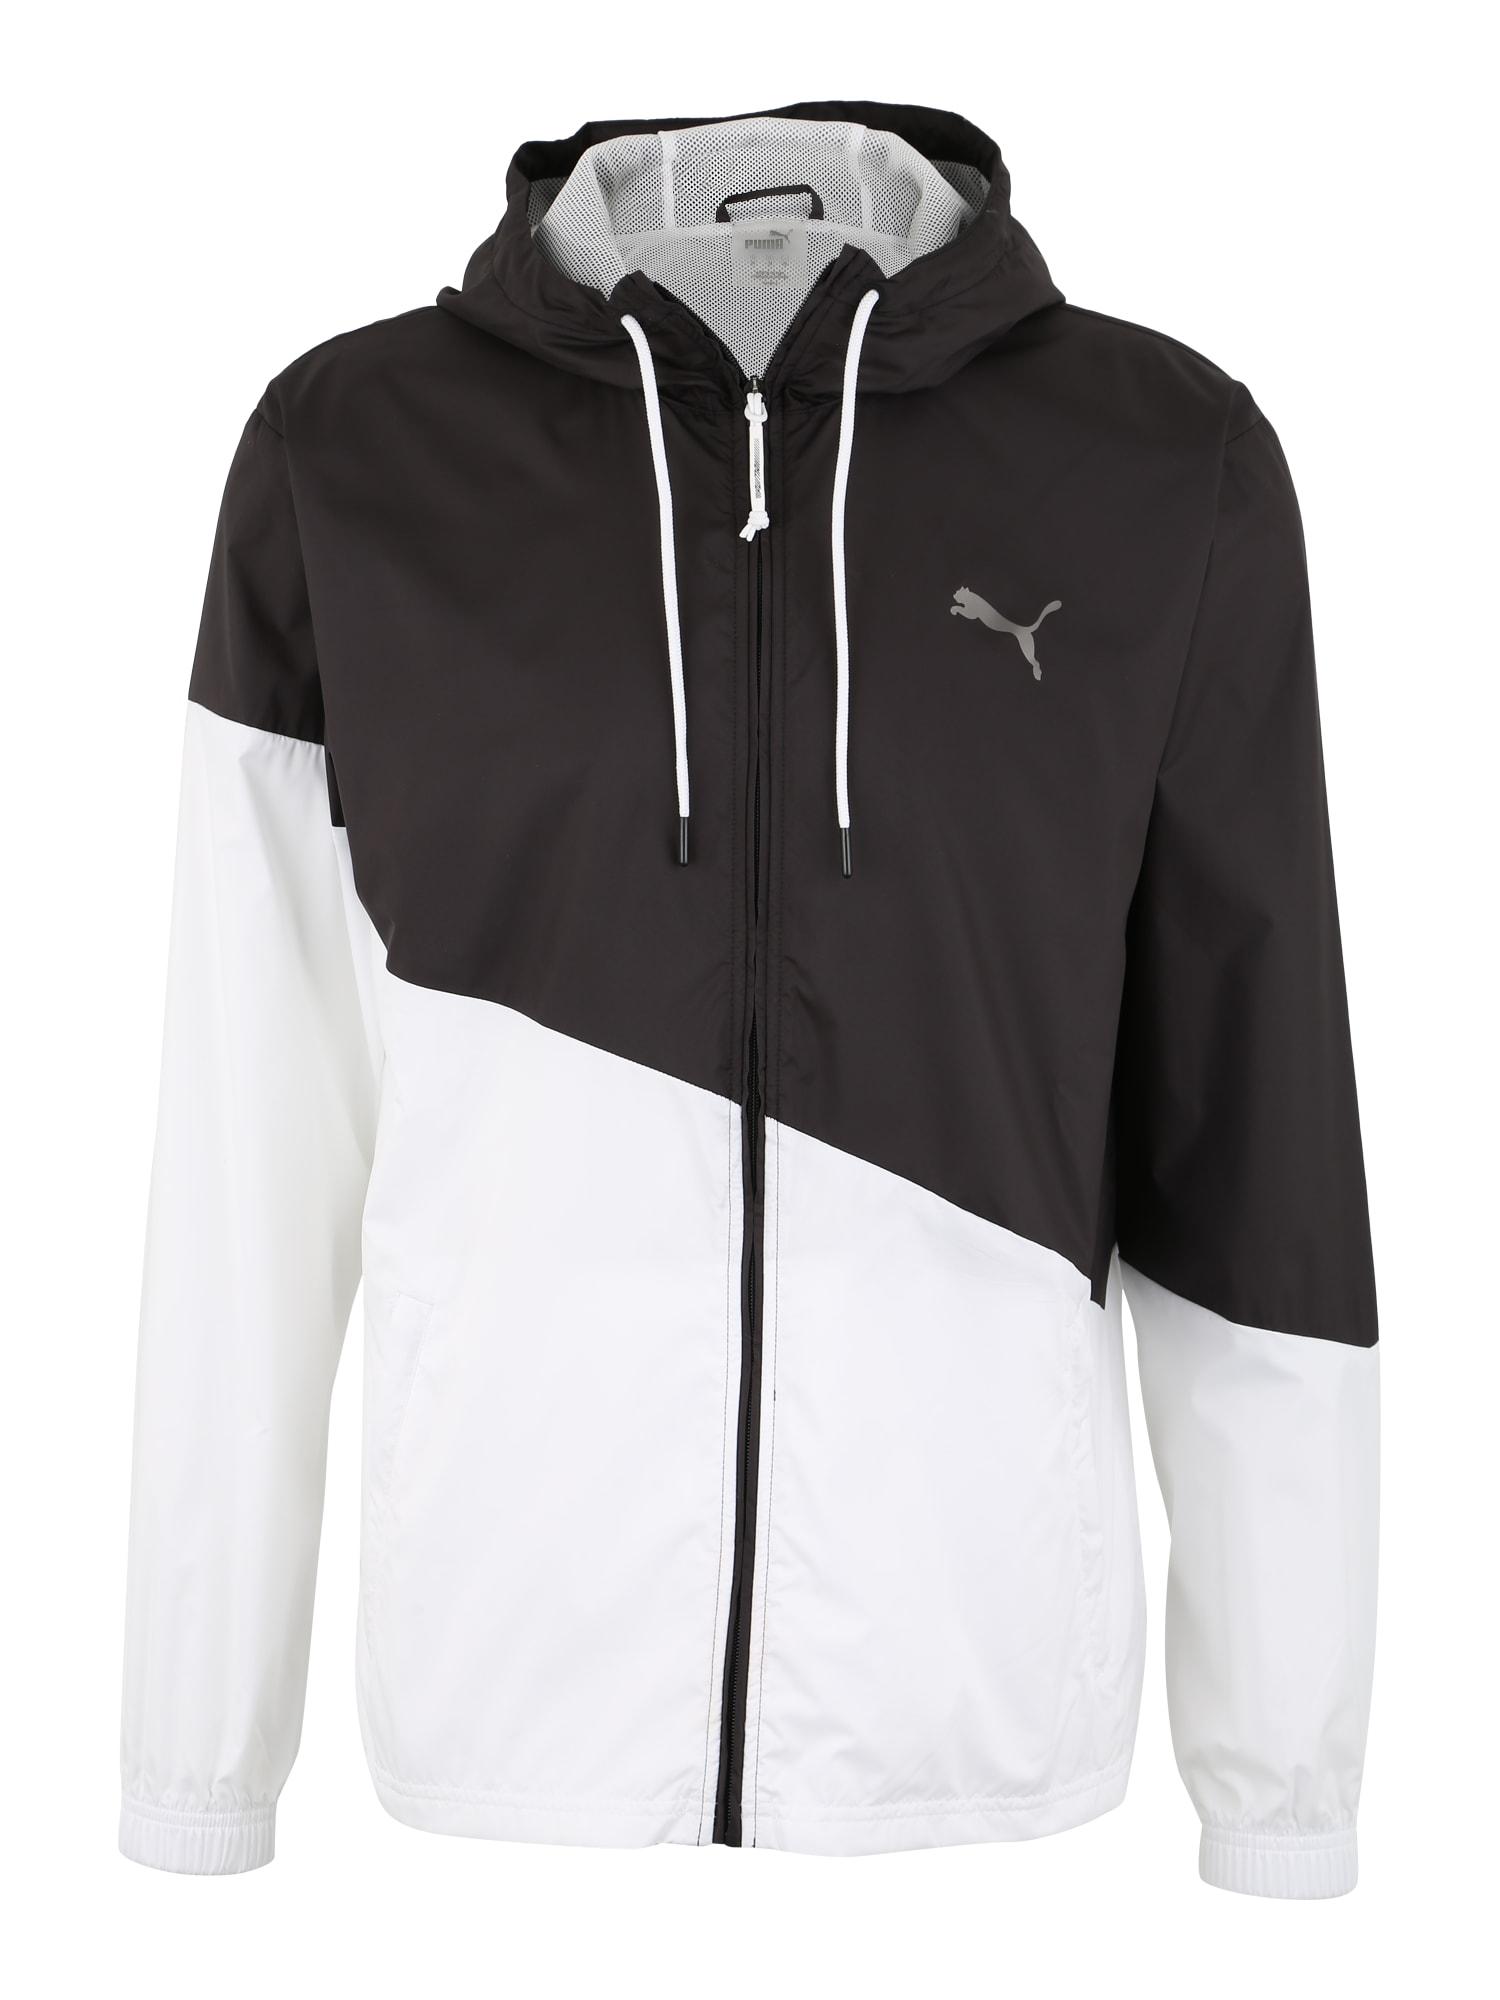 Sportovní bunda A.C.E. černá bílá PUMA